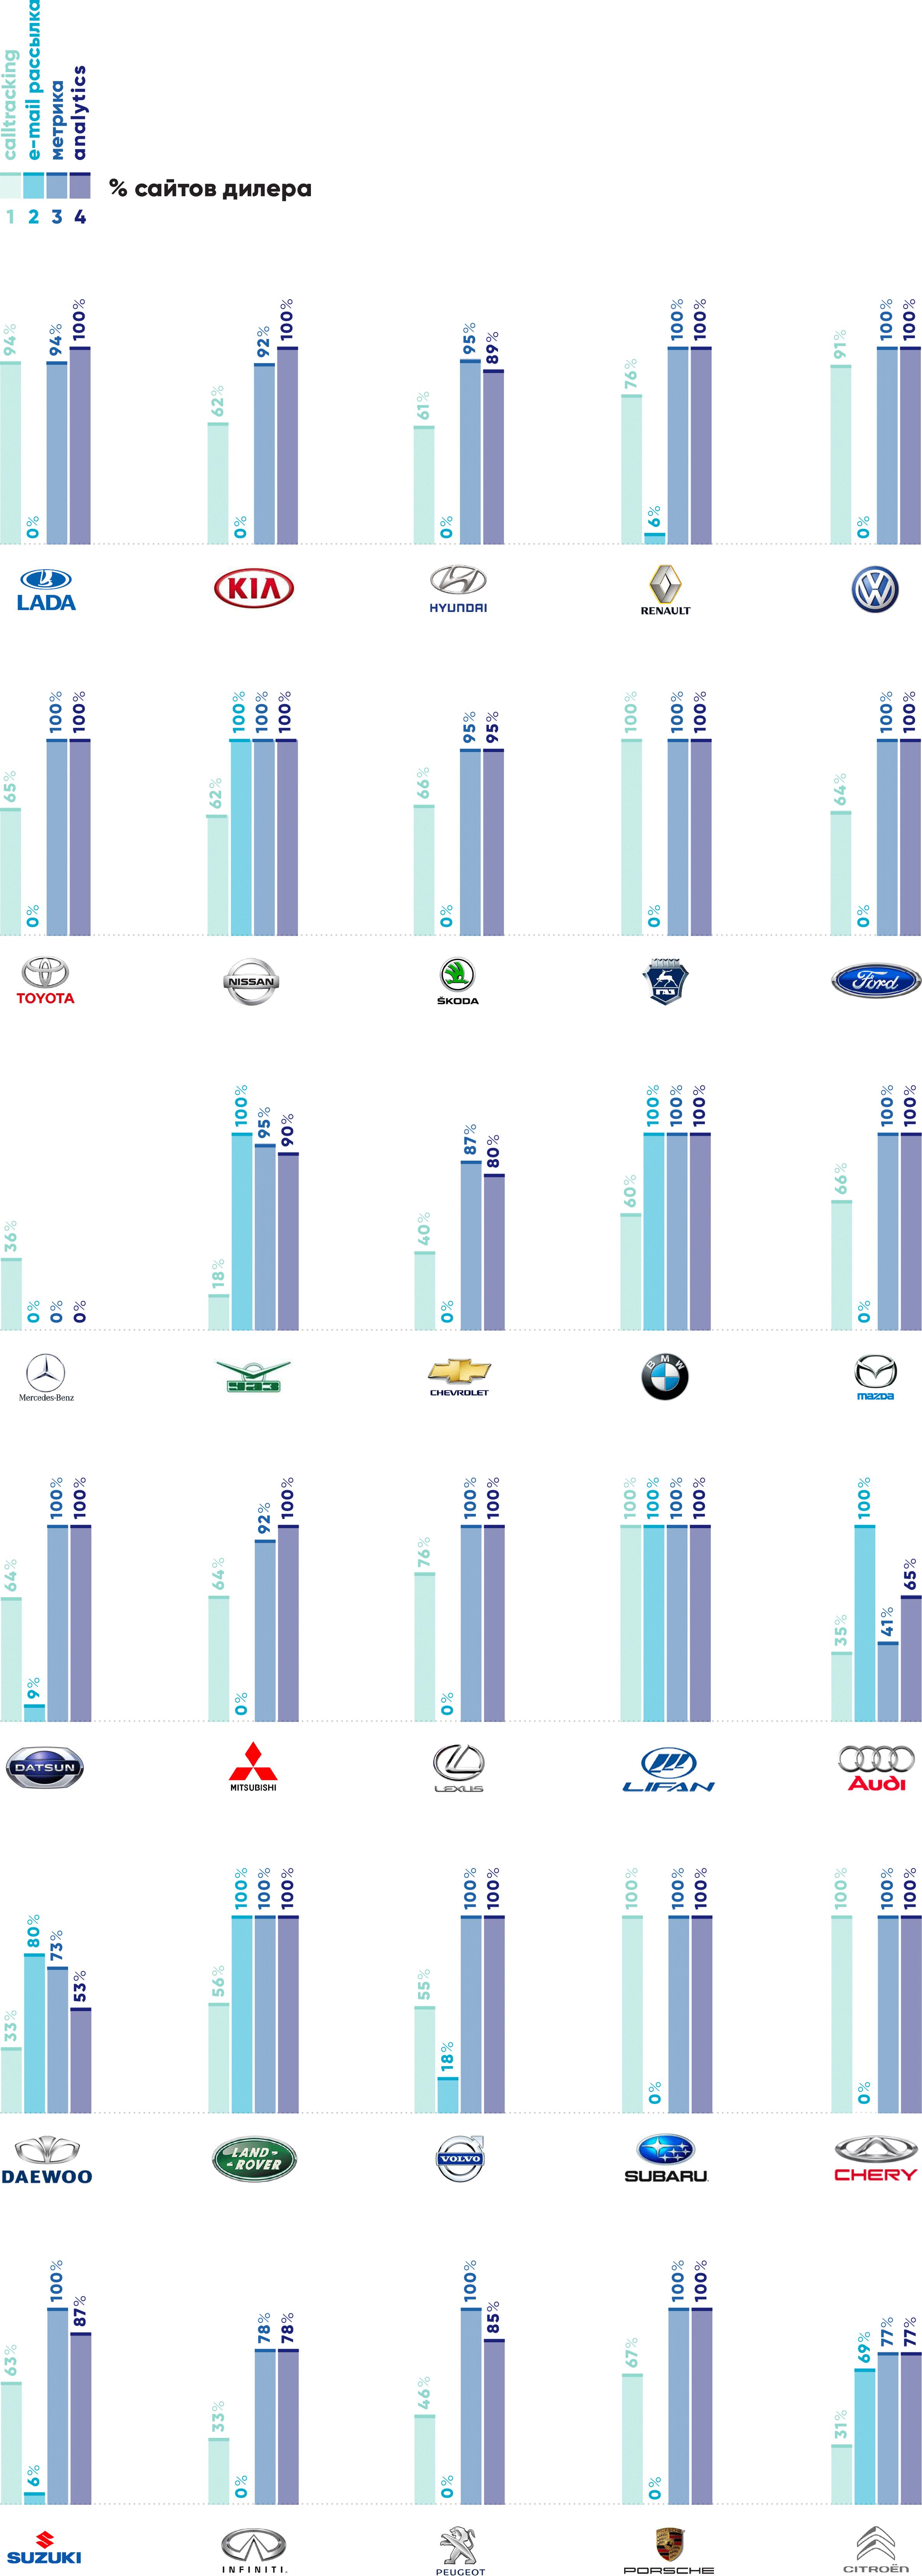 Маркетинговые сервисы на сайтах дилеров самых продаваемых марок в РФ